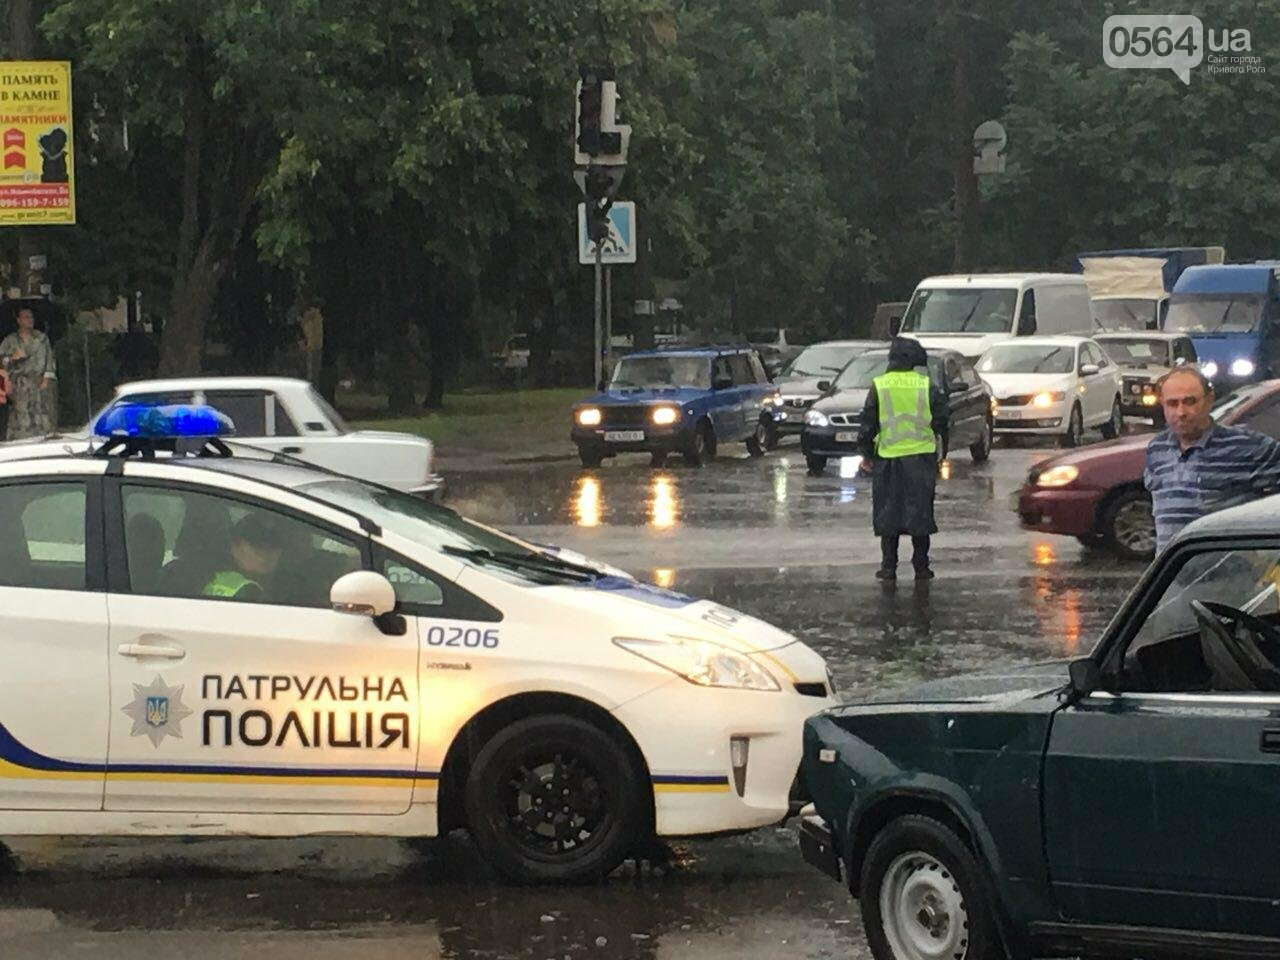 В Кривом Роге под дождем на перекрестке столкнулись иномарка и ВАЗ, - ФОТО, фото-8